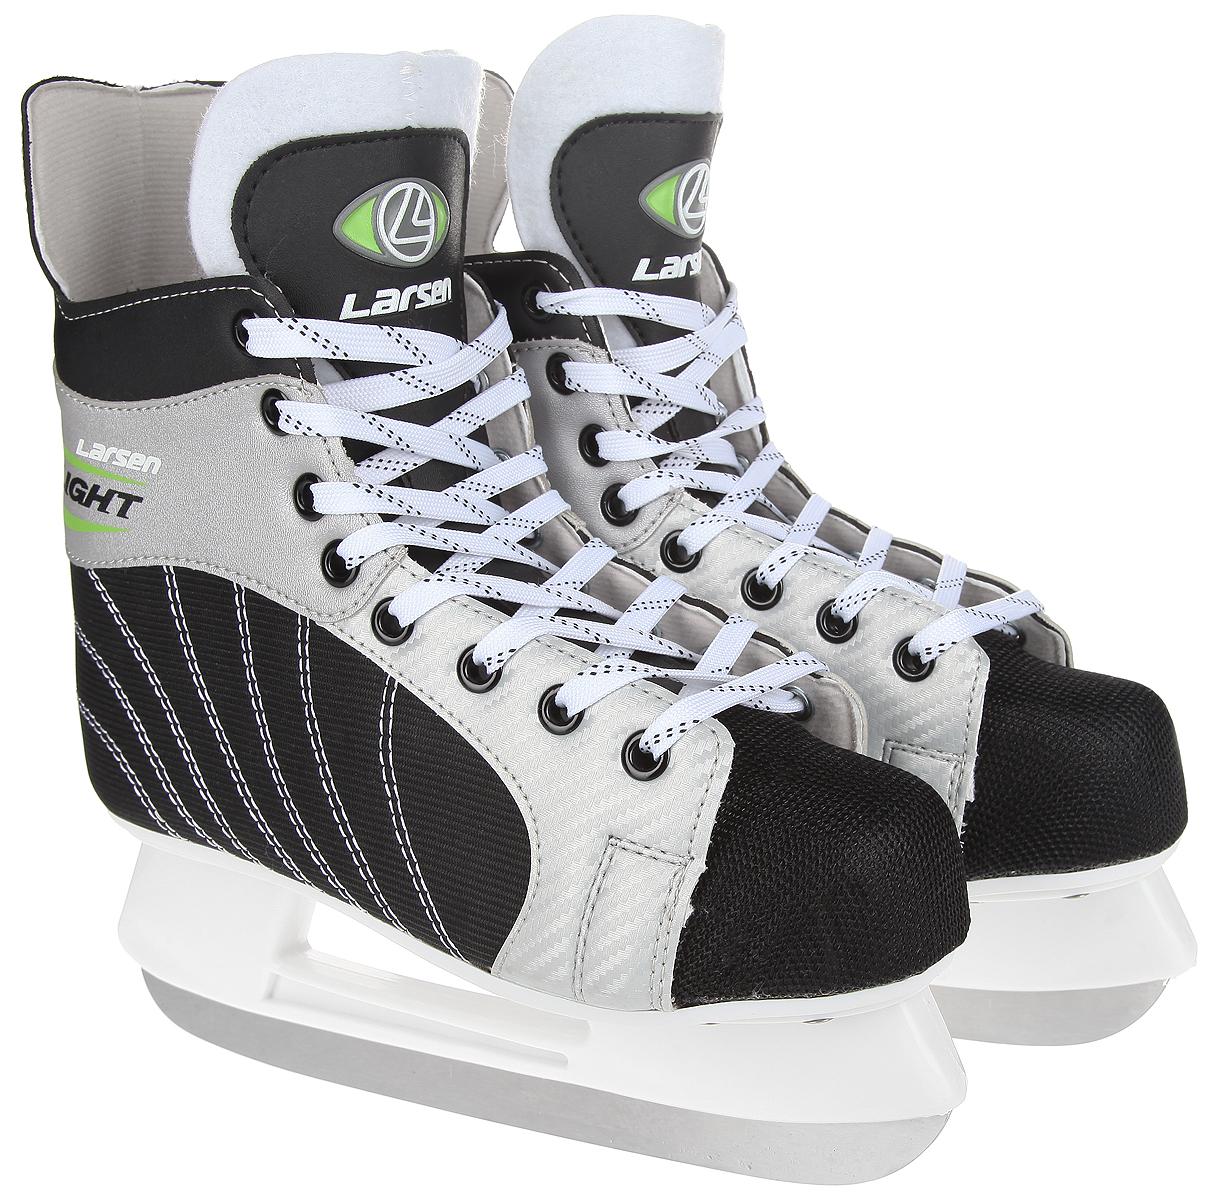 Коньки хоккейные мужские Larsen Light, цвет: черный, серебристый, белый. Размер 42Light_черный, серебристый, белый_42Стильные коньки Light от Larsen прекрасно подойдут для начинающих игроков в хоккей. Ботинок выполнен из нейлона со вставками из морозоустойчивого поливинилхлорида. Мыс выполнен из полипропилена, покрытого сетчатым нейлоном, который защитит ноги от ударов. Внутренний слой изготовлен из материала Cambrelle, который обладает высокой гигроскопичностью и воздухопроницаемостью, имеет высокую степень устойчивости к истиранию, приятен на ощупь, быстро высыхает. Язычок из войлока обеспечивает дополнительное тепло. Плотная шнуровка надежно фиксирует модель на ноге. Голеностоп имеет удобный суппорт. Стелька из EVA с текстильной поверхностью обеспечит комфортное катание. Стойка выполнена из ударопрочного пластика. Лезвие из нержавеющей стали обеспечит превосходное скольжение. В комплект входят пластиковые чехлы для лезвия. Рекомендуемая температура использования: до -20°C.